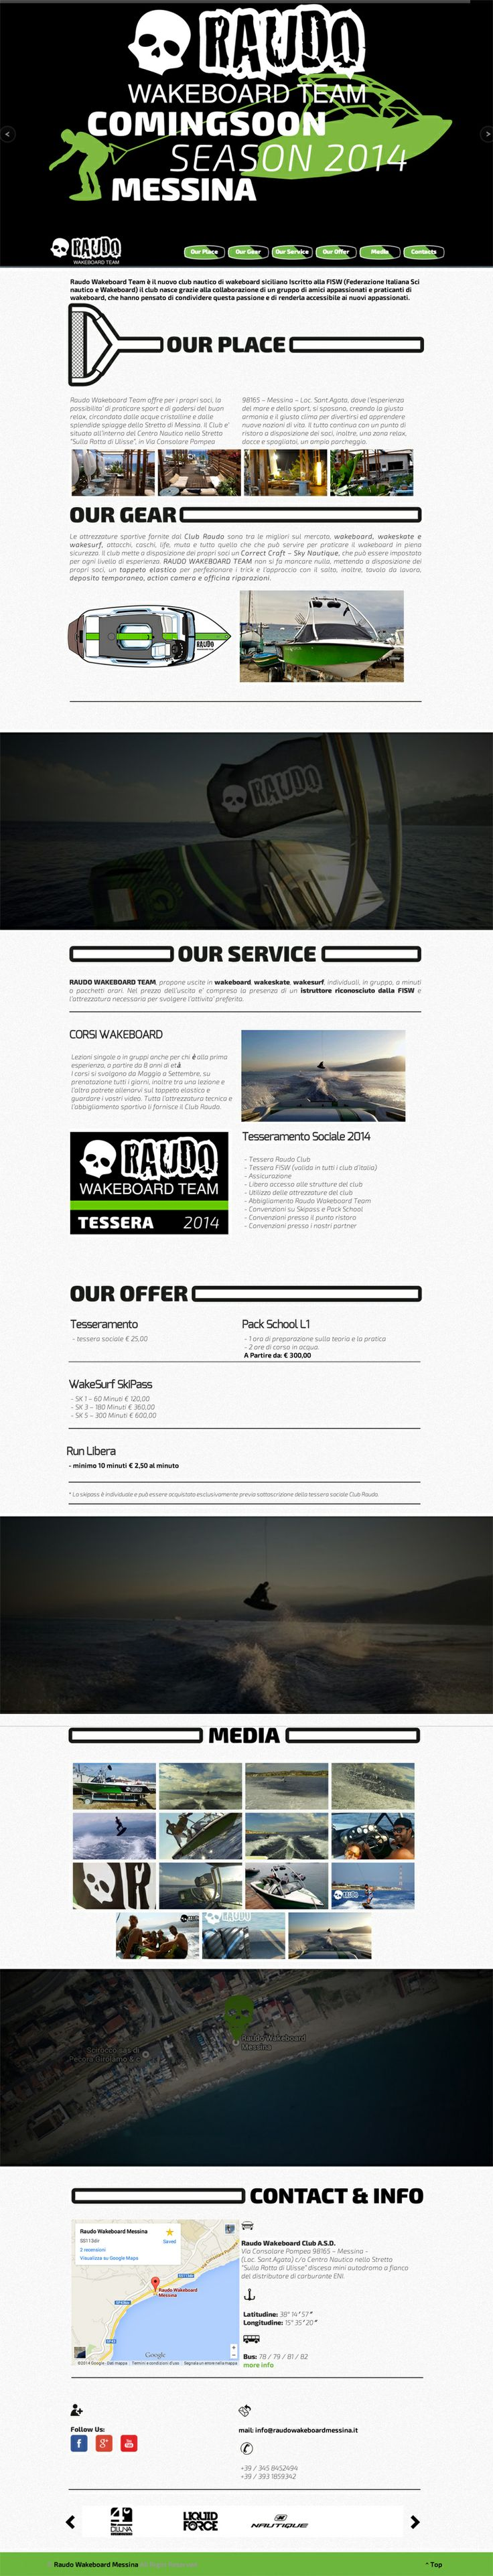 Sito web di presentazione per Raudo Wakeboard Team - Messina - HomePage - Realizzato con Wordpress- Anno 2014